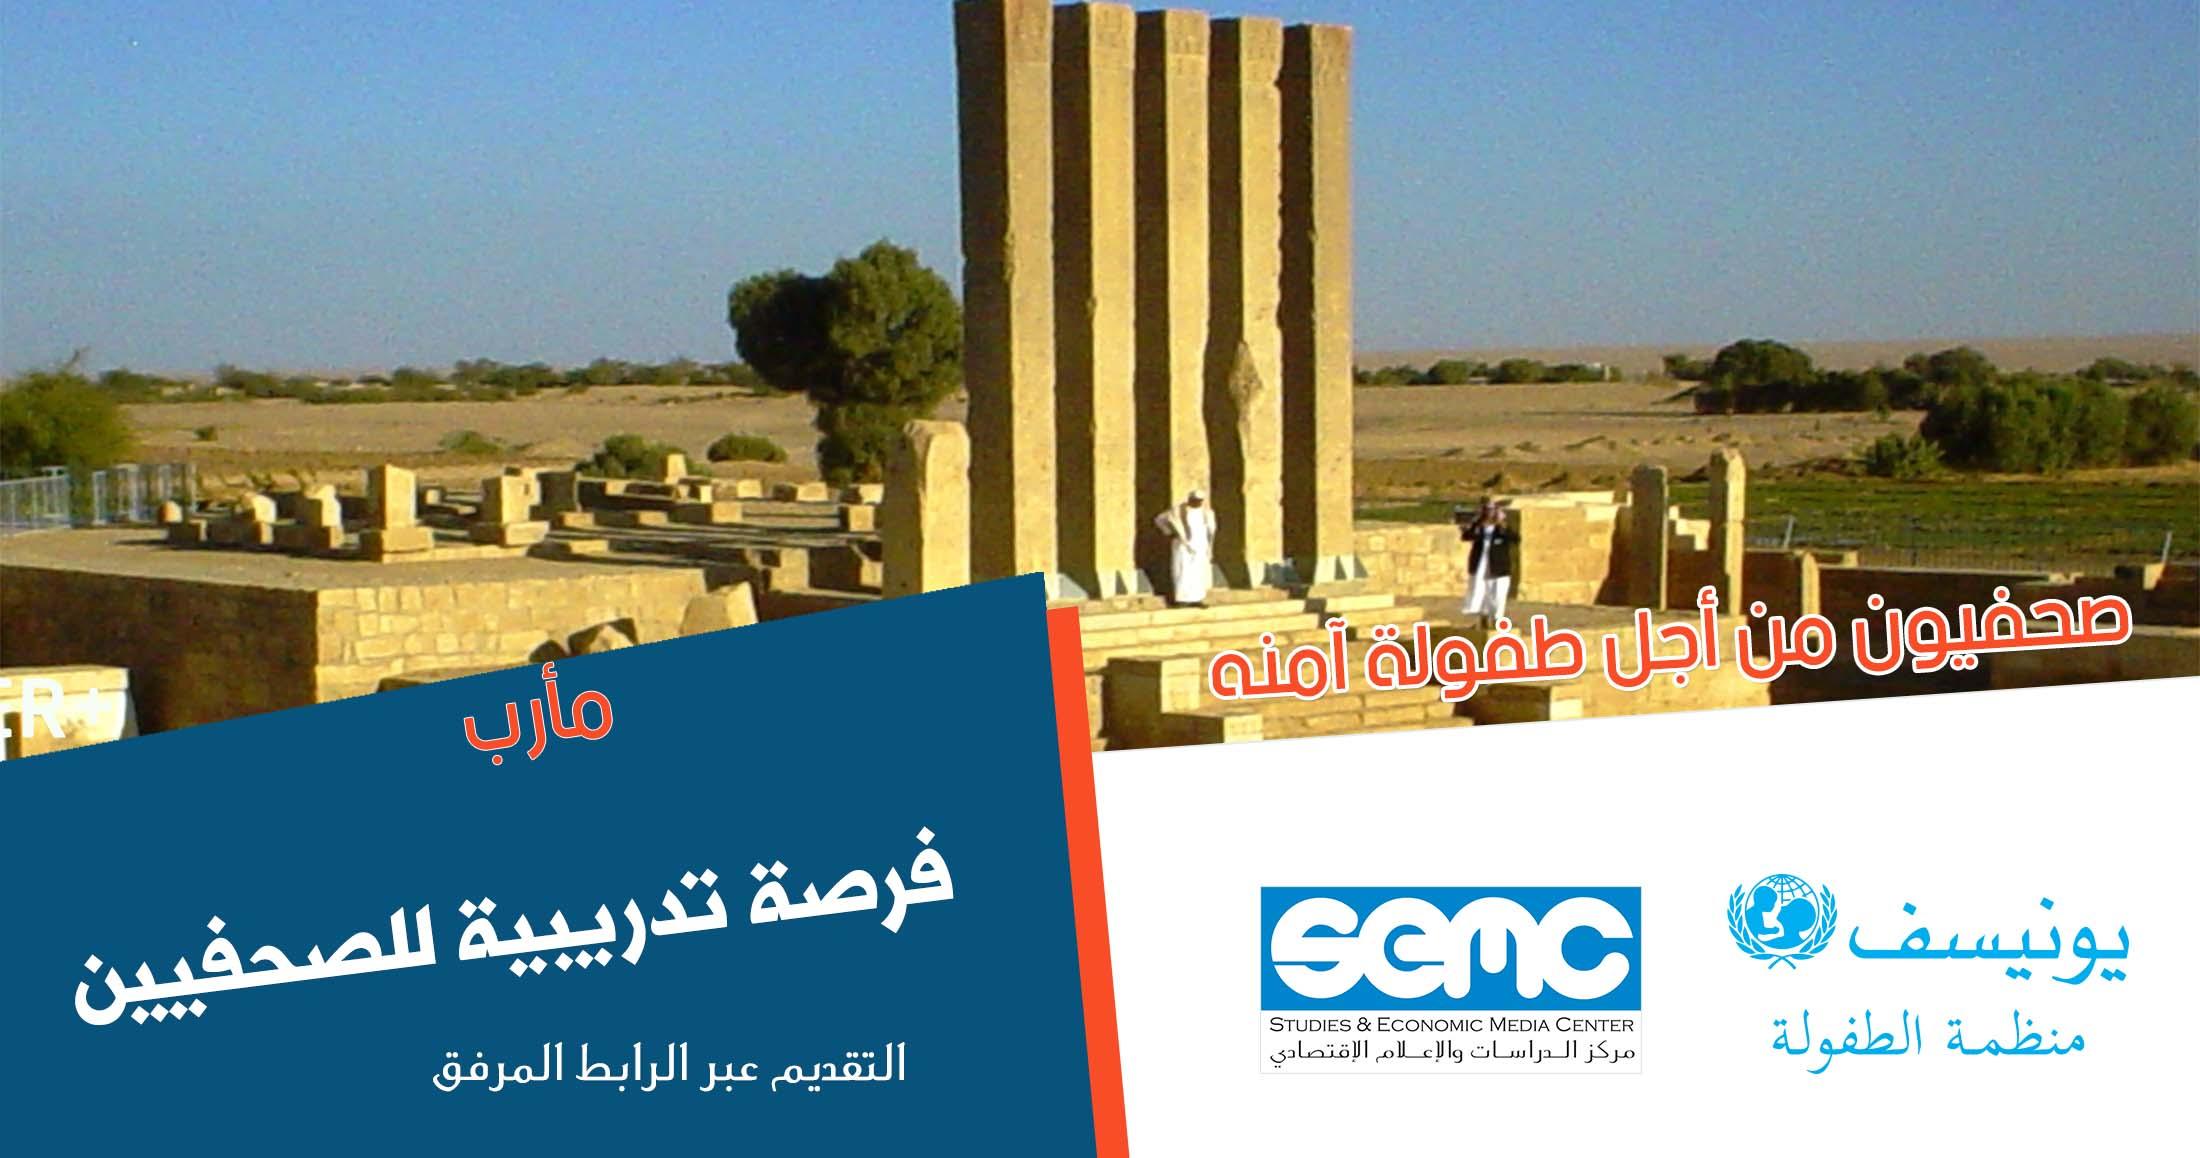 فرصة تدريبية بمأرب حول الكتابة الصحفية من أجل الأطفال في اليمن – المحافظات المستهدفة بالتدريب ( مارب – حضرموت ، الجوف – البيضاء )